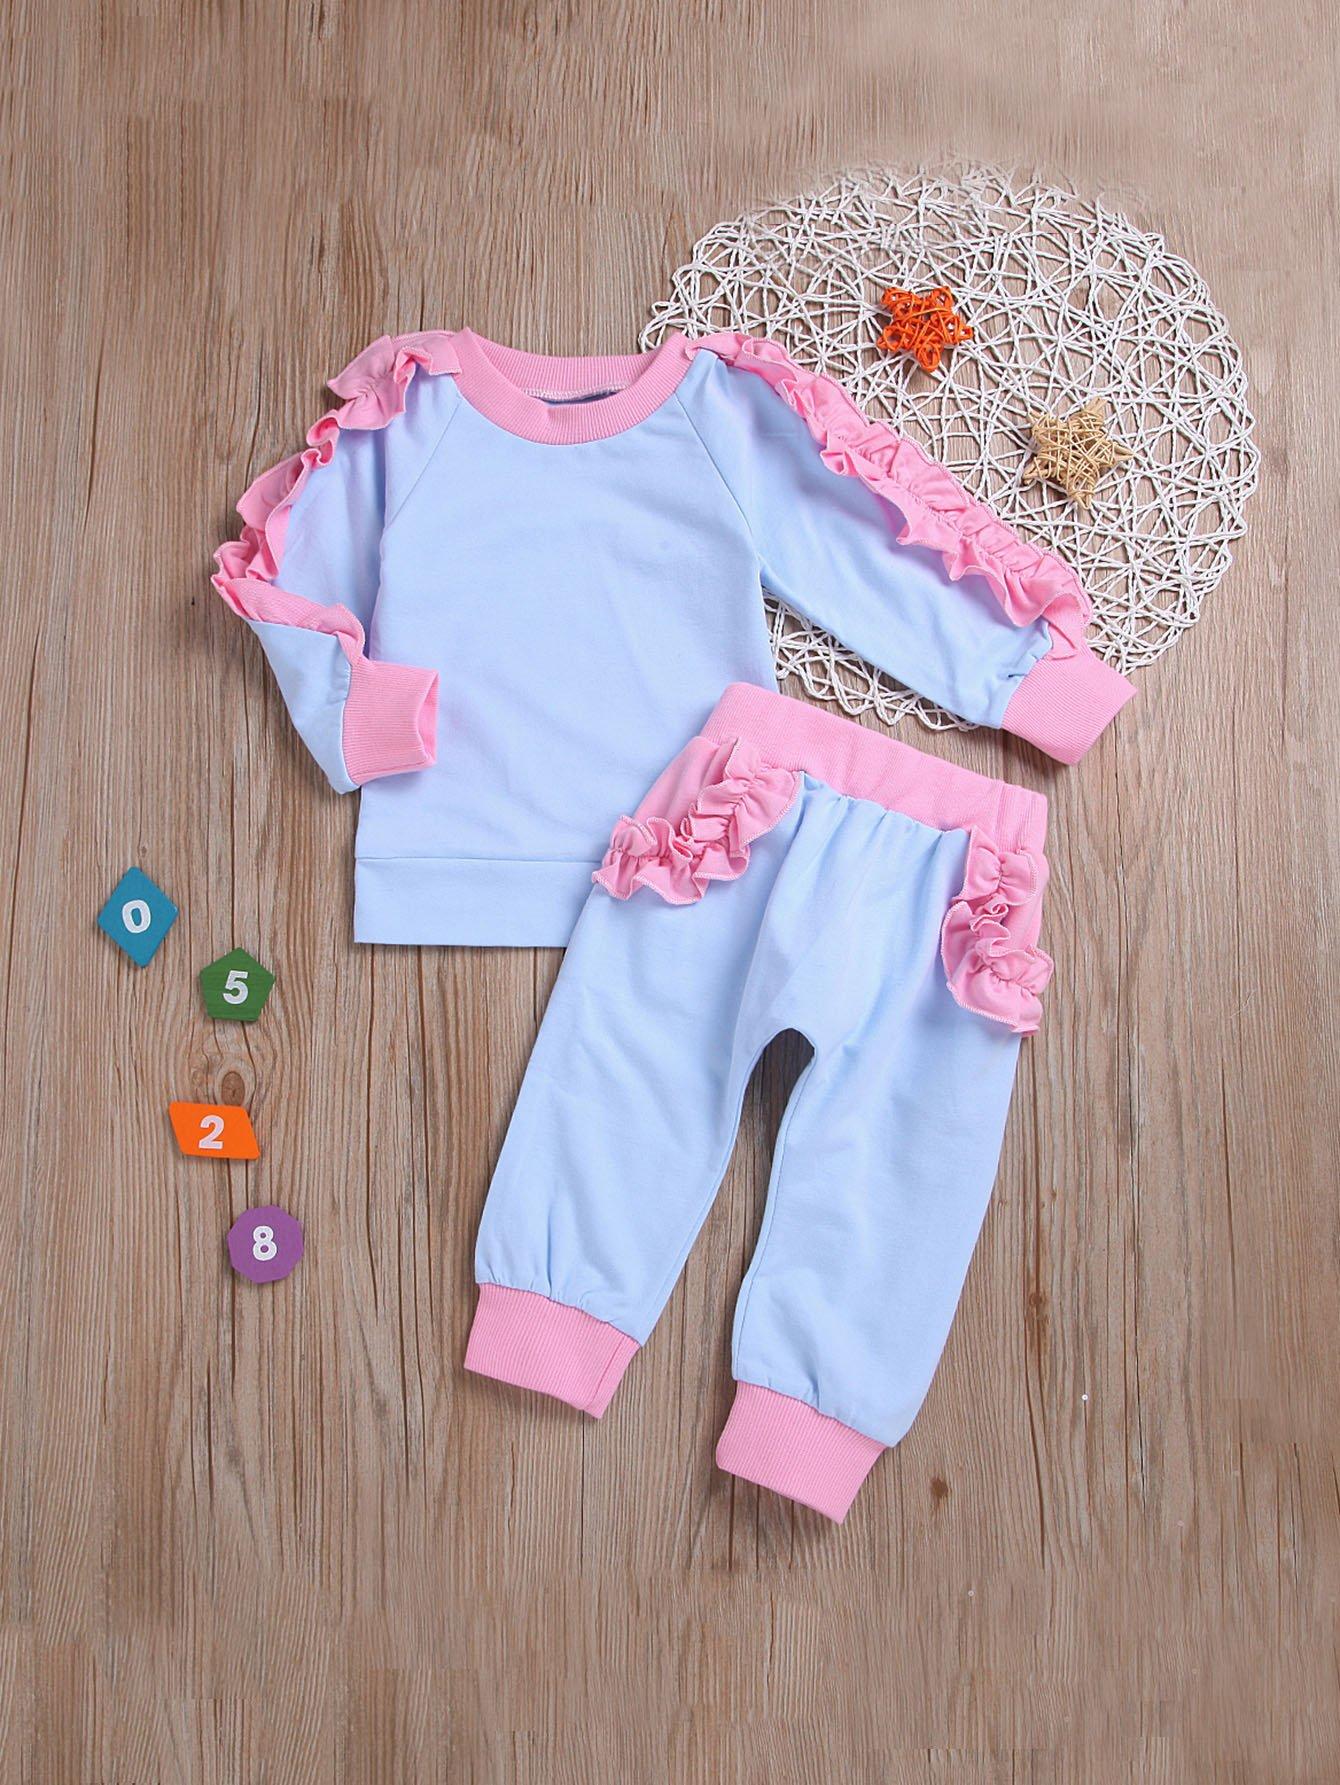 Свитшот с кружевными оборками и брюки для малышских девочек, null, SheIn  - купить со скидкой